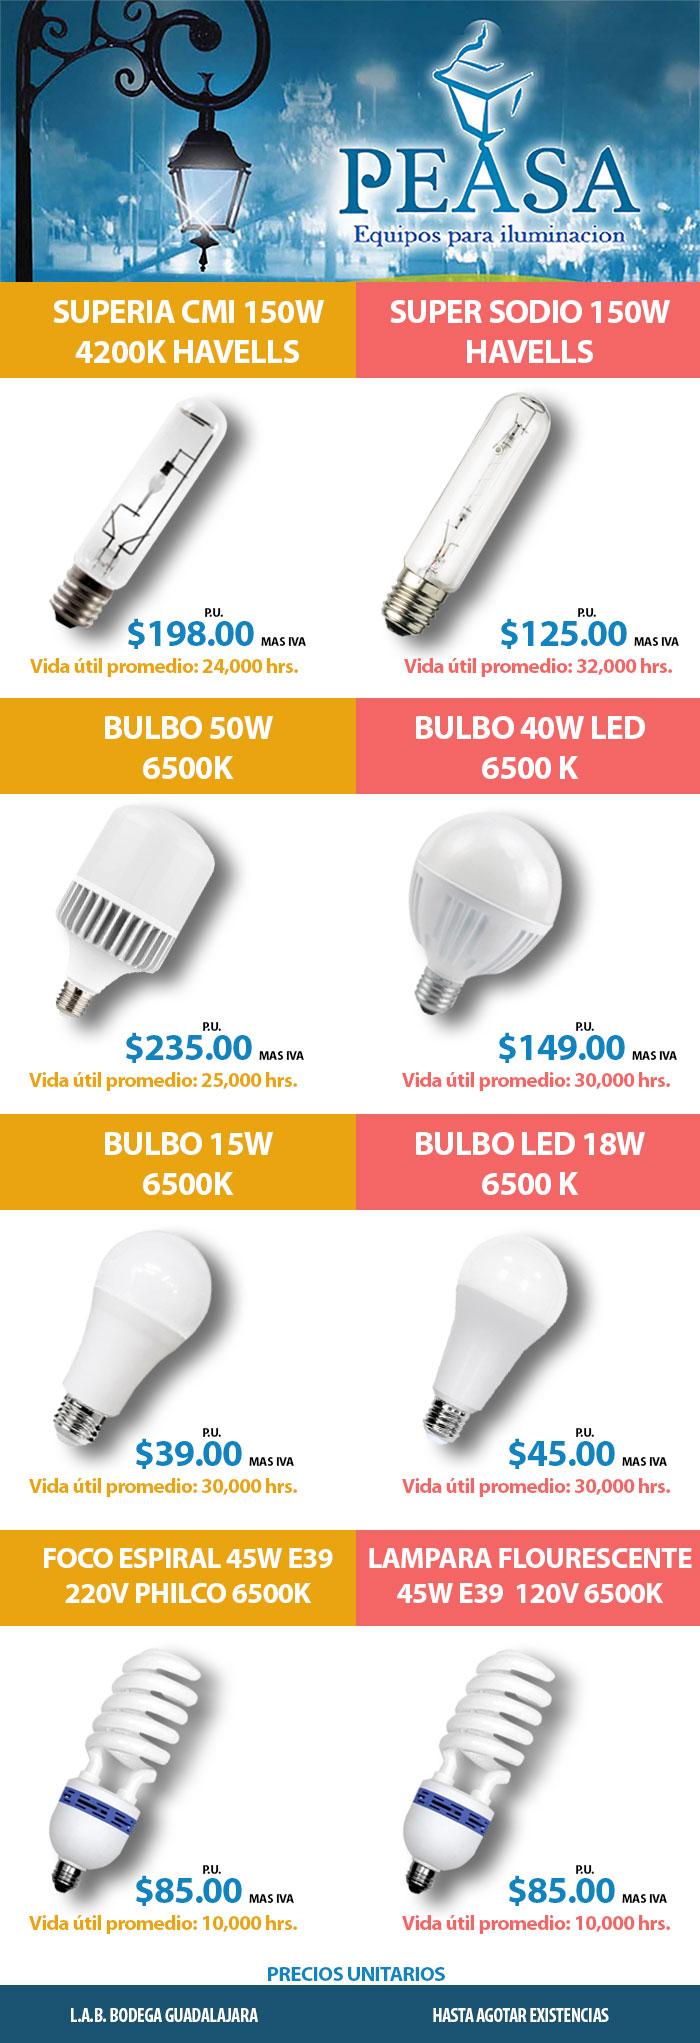 Más focos, más bulbos y más lámparas a excelentes precios